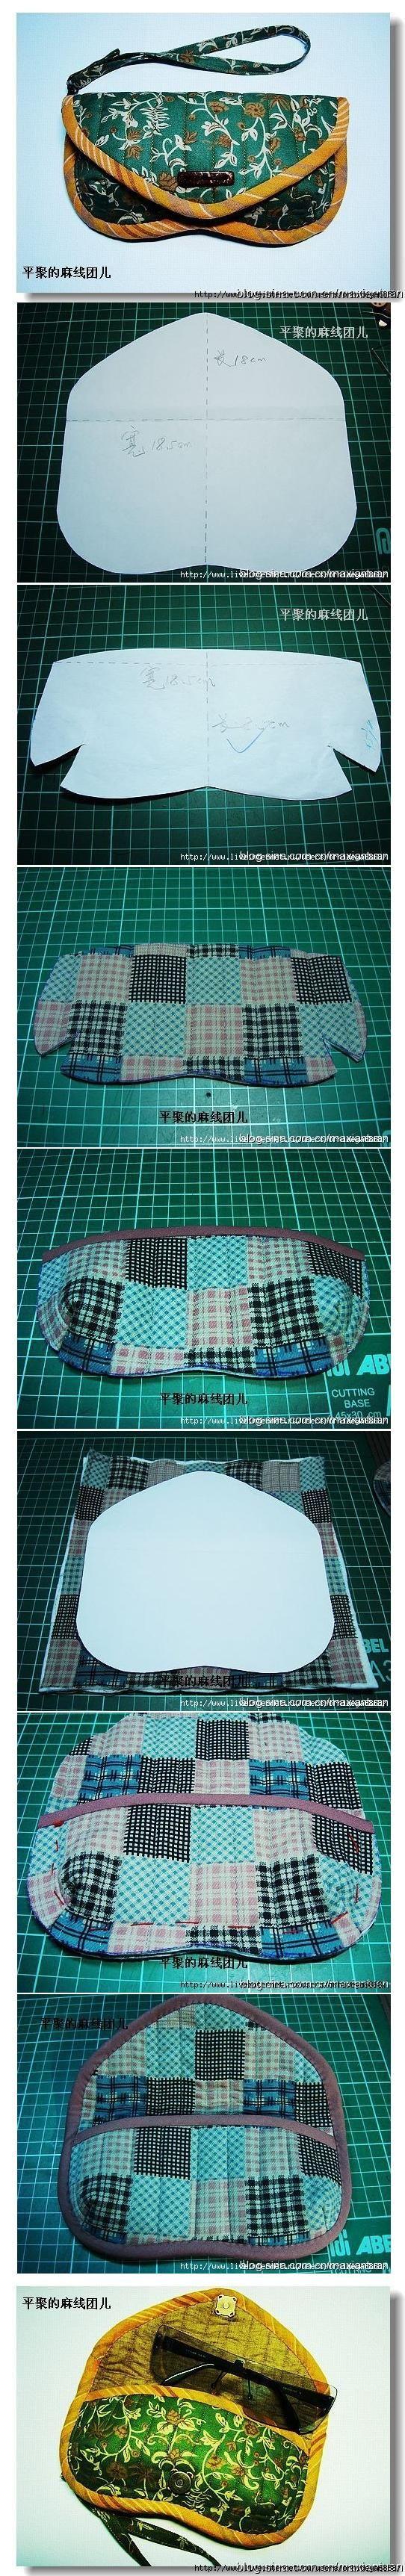 DIY Sunglasses Bag